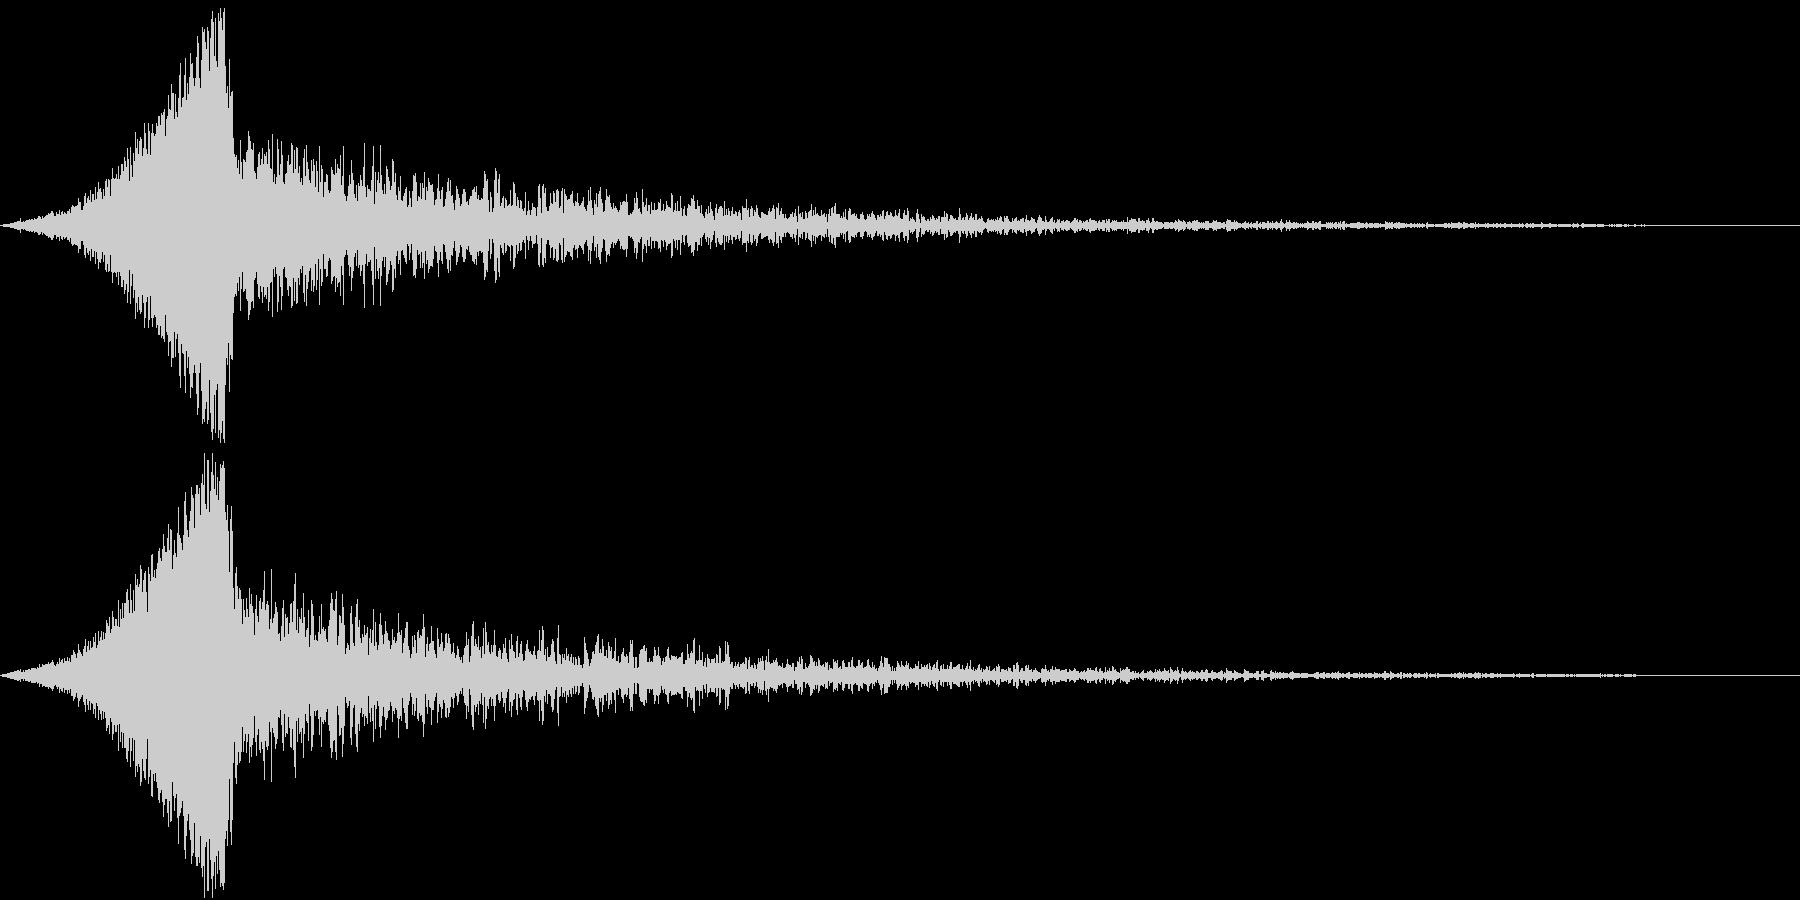 【シネマティック】Whoosh_10の未再生の波形